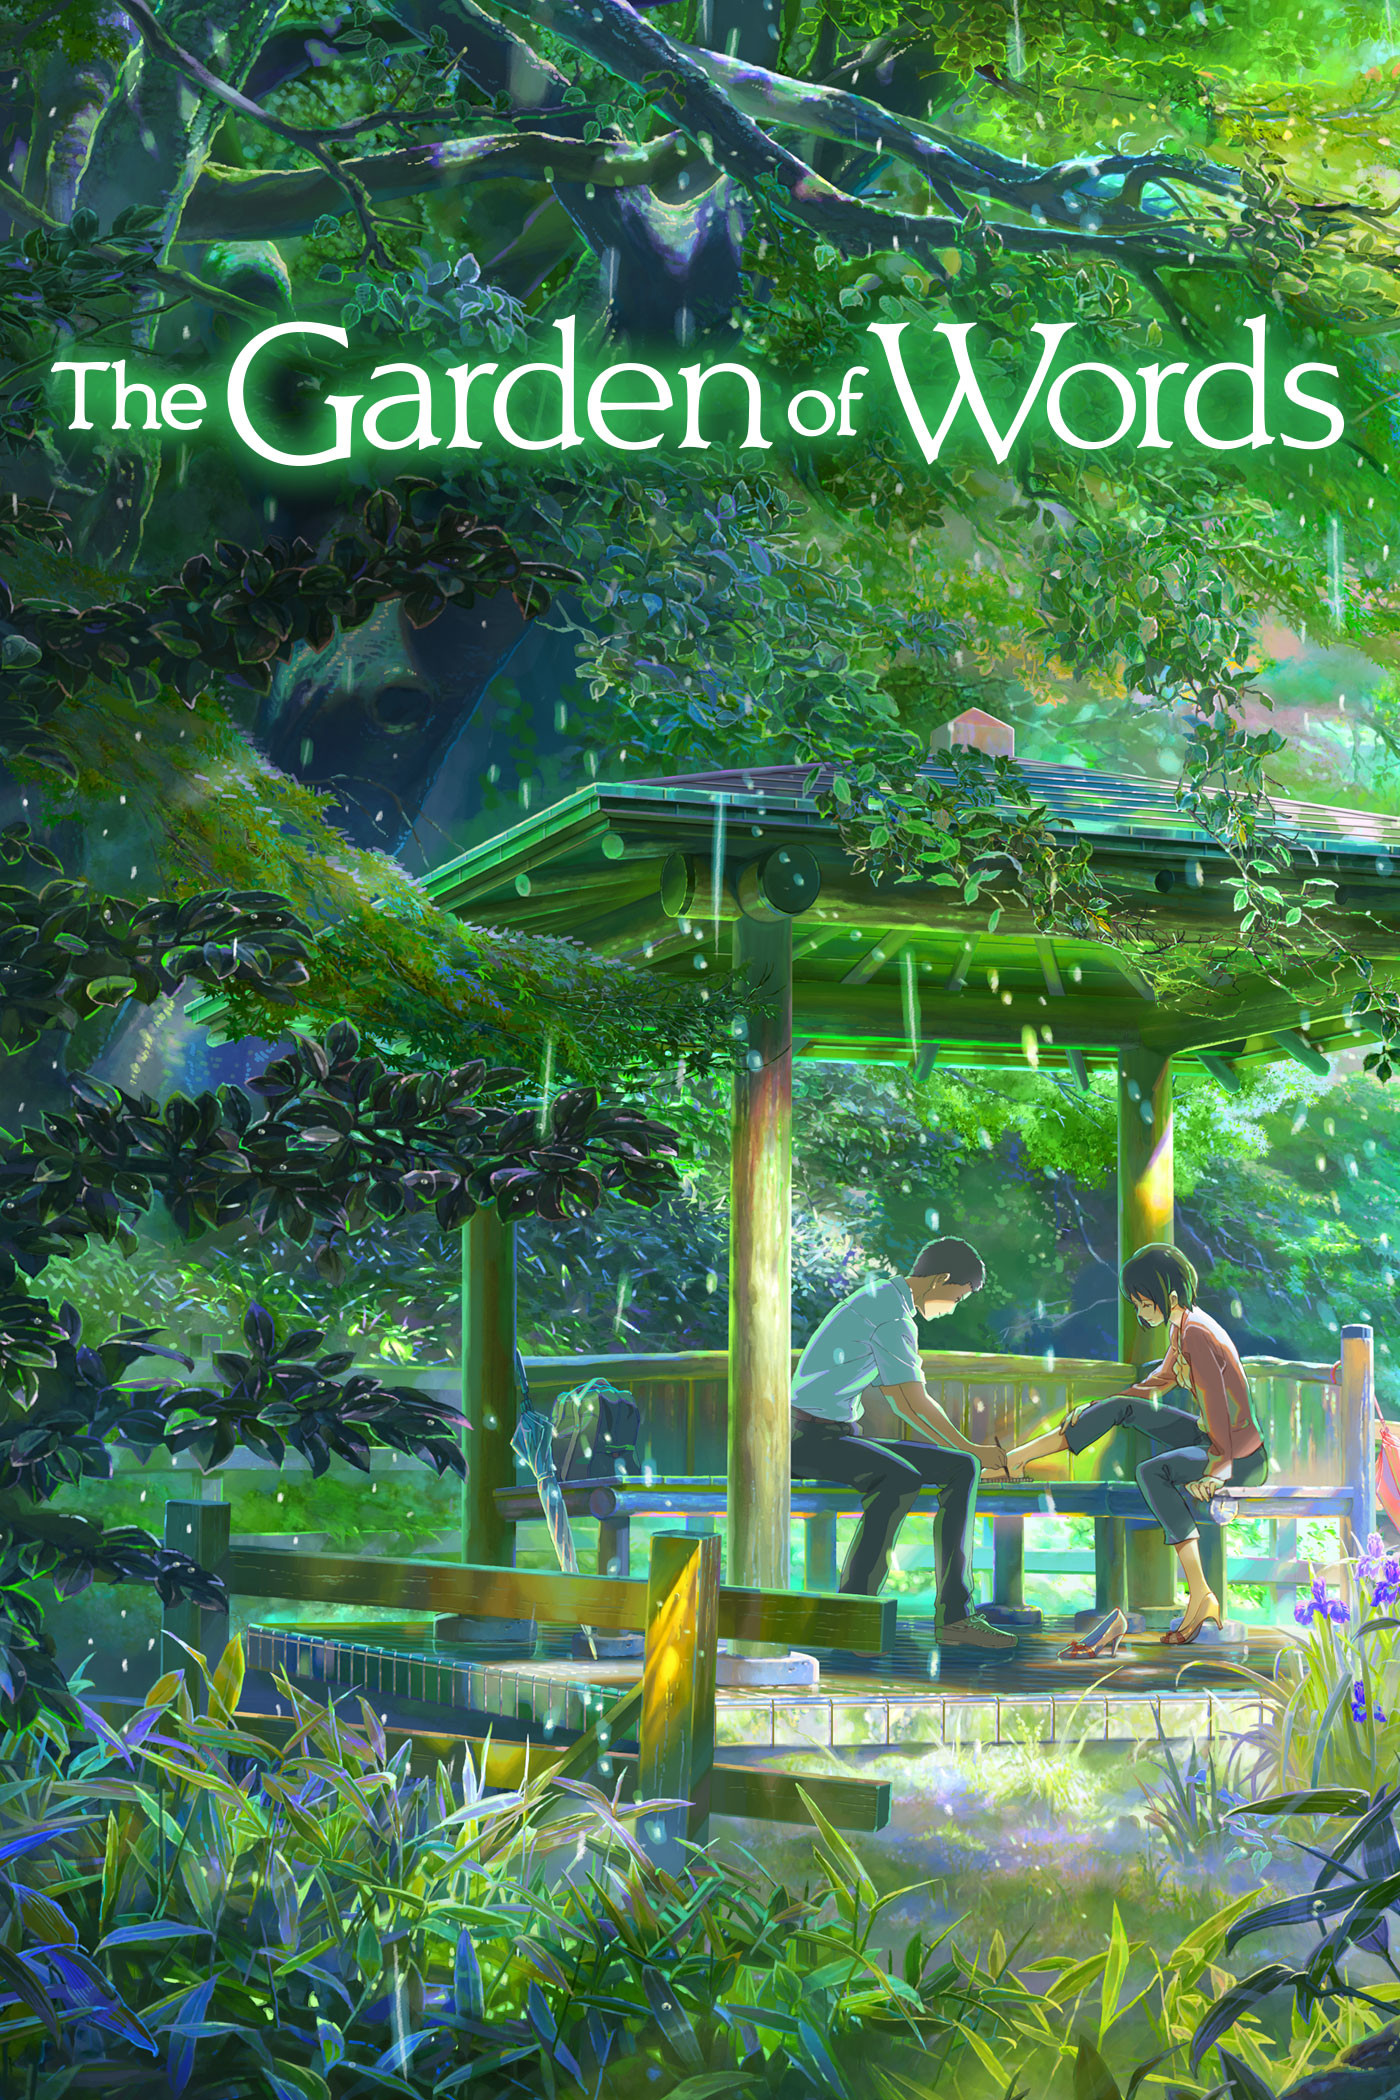 Kotonoha no Niwa images Kotonoha no Niwa (The Garden of Words) Poster HD  wallpaper and background photos